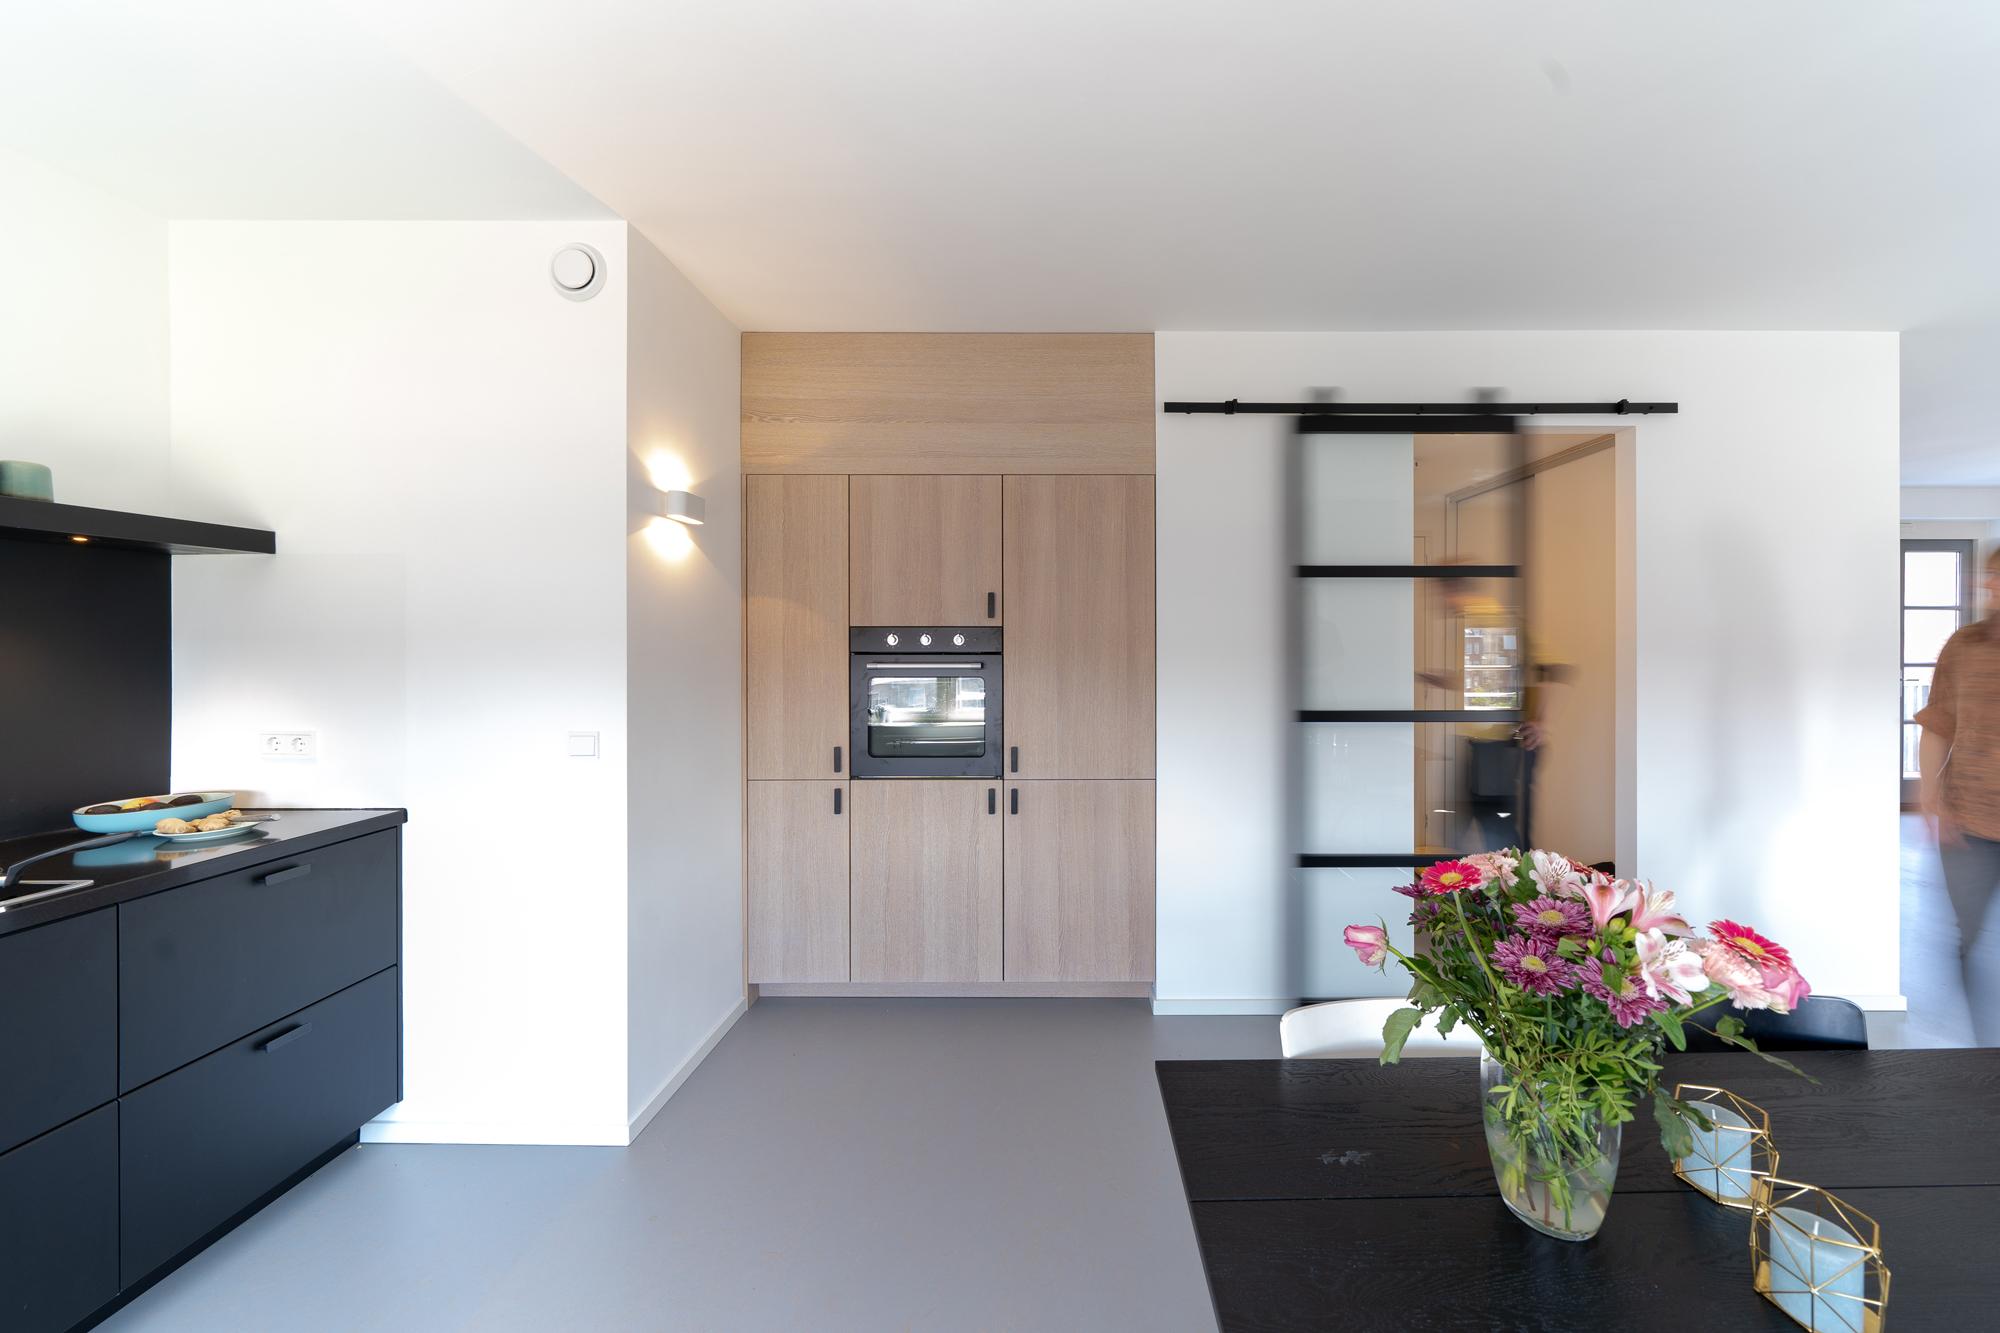 interieur_rotterdam_hout_loft